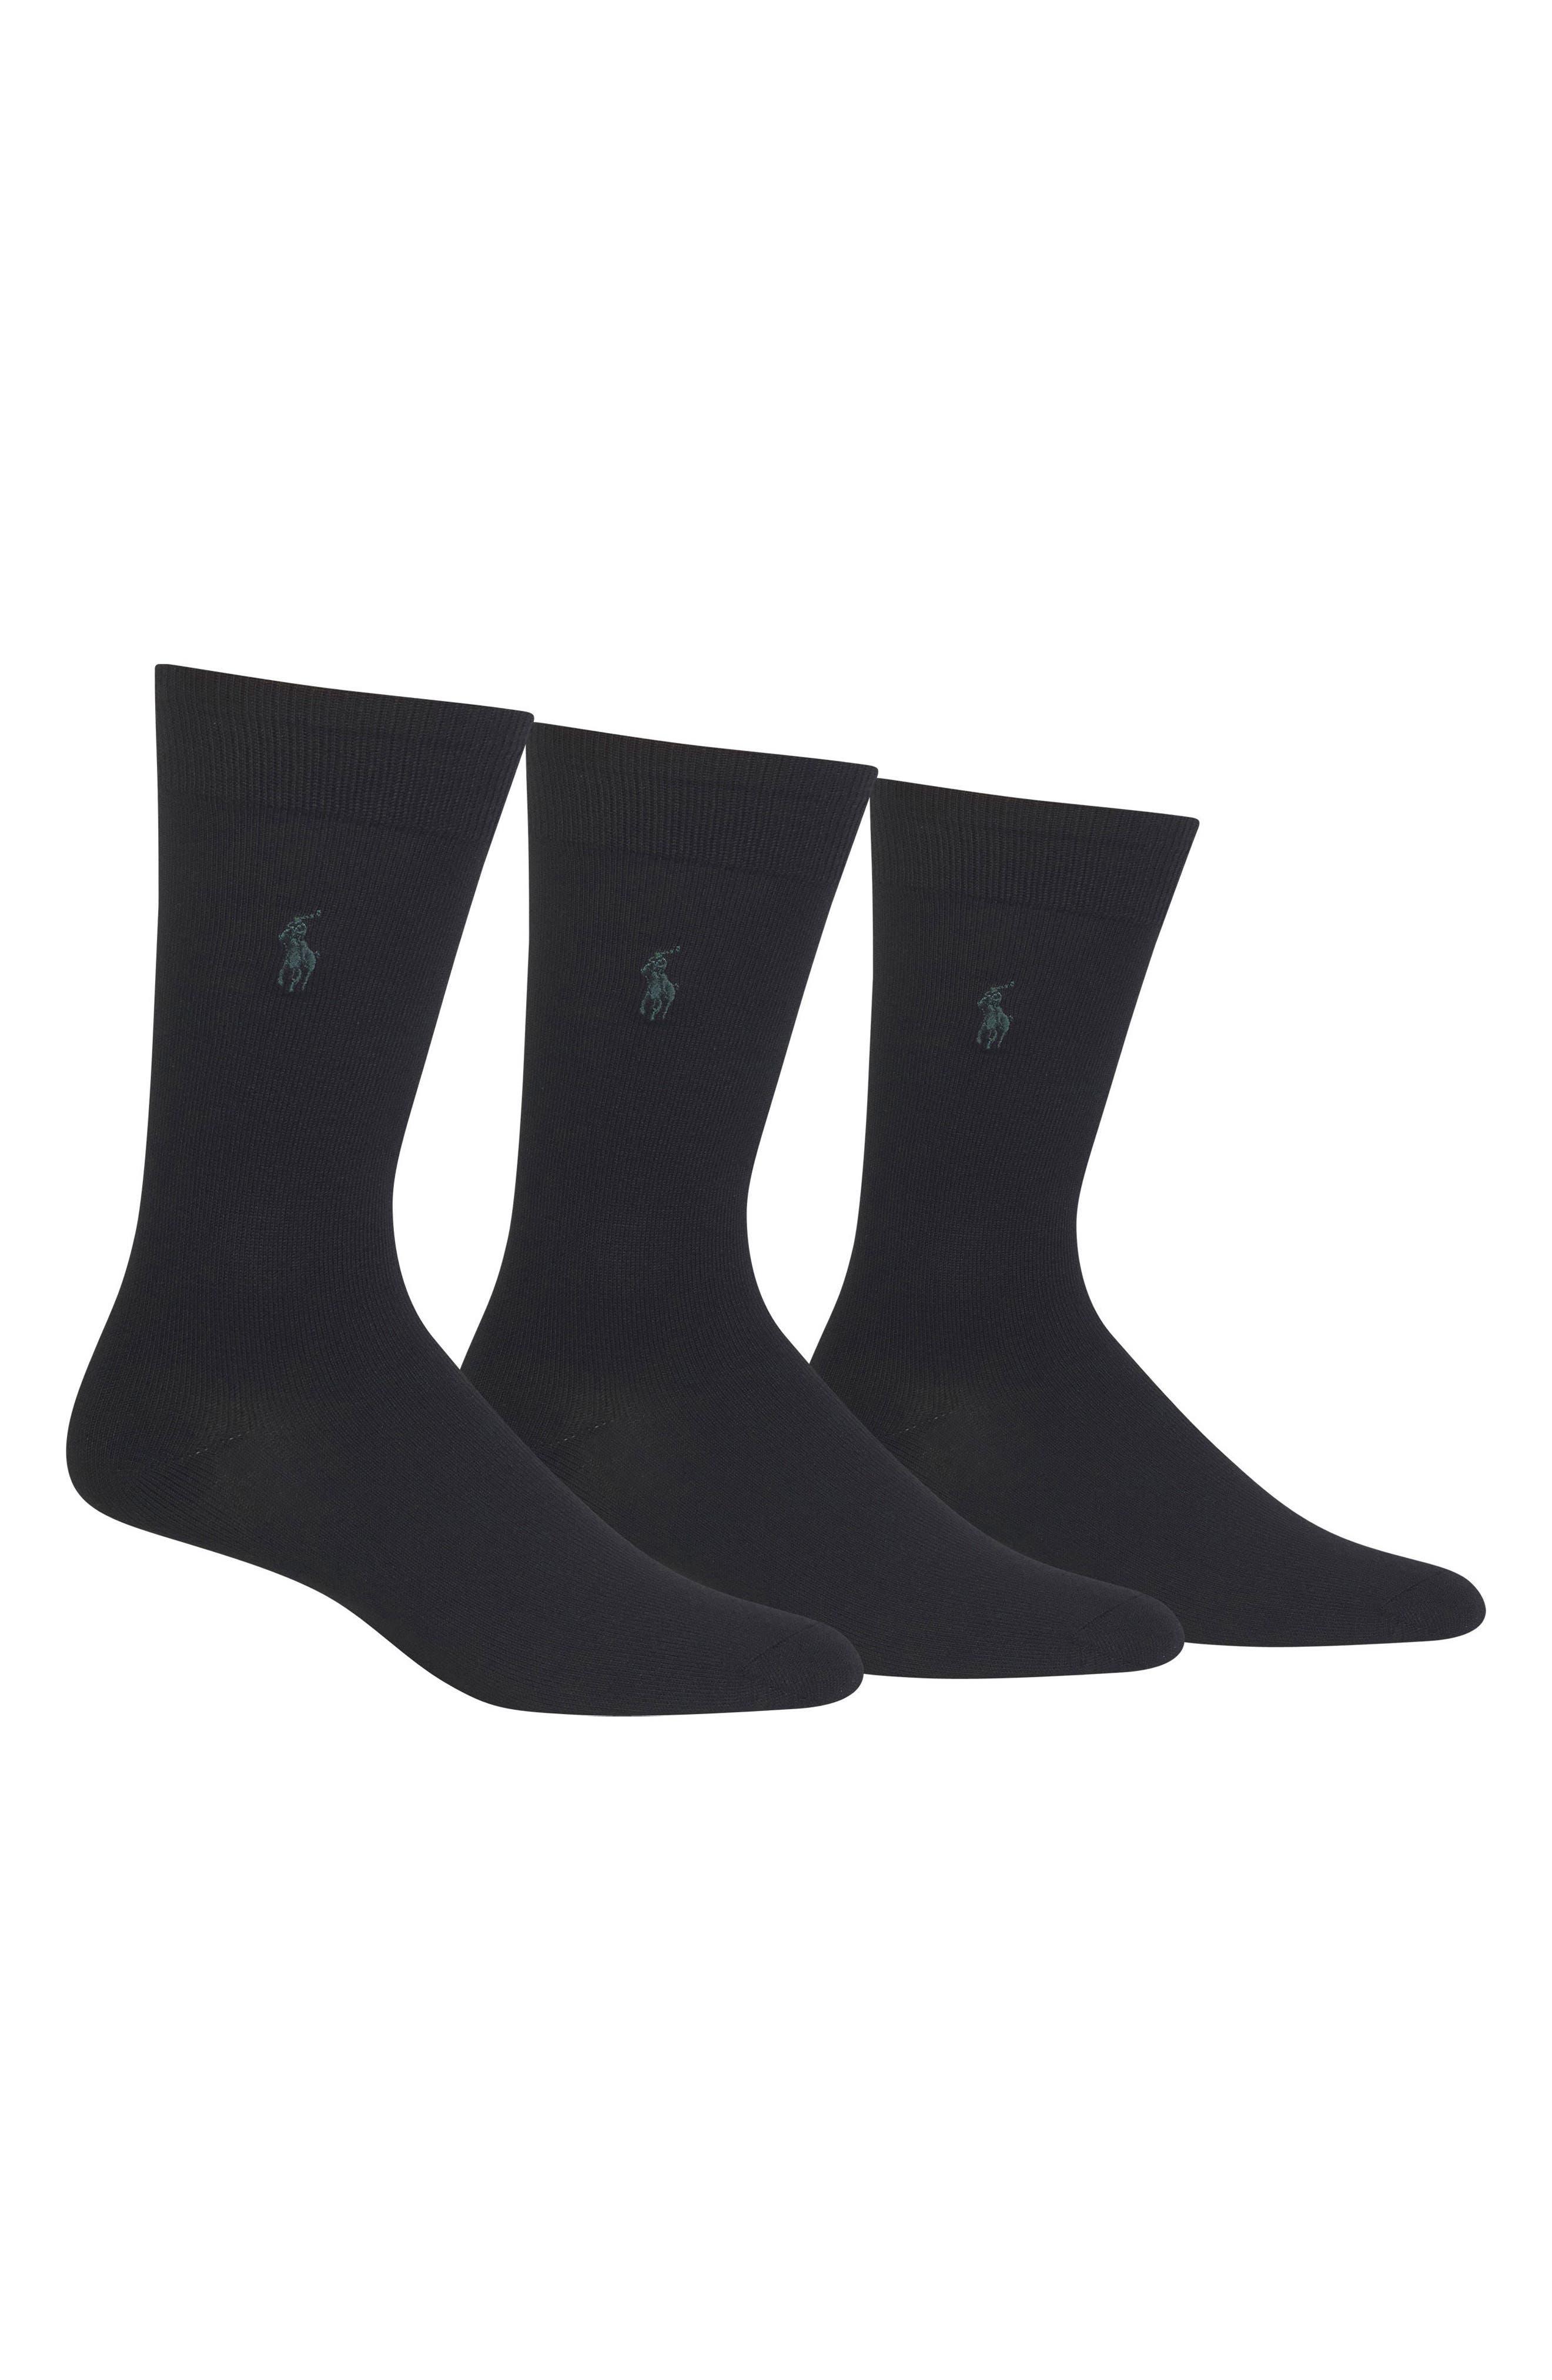 Assorted 3-Pack Supersoft Socks, Main, color, BLACK